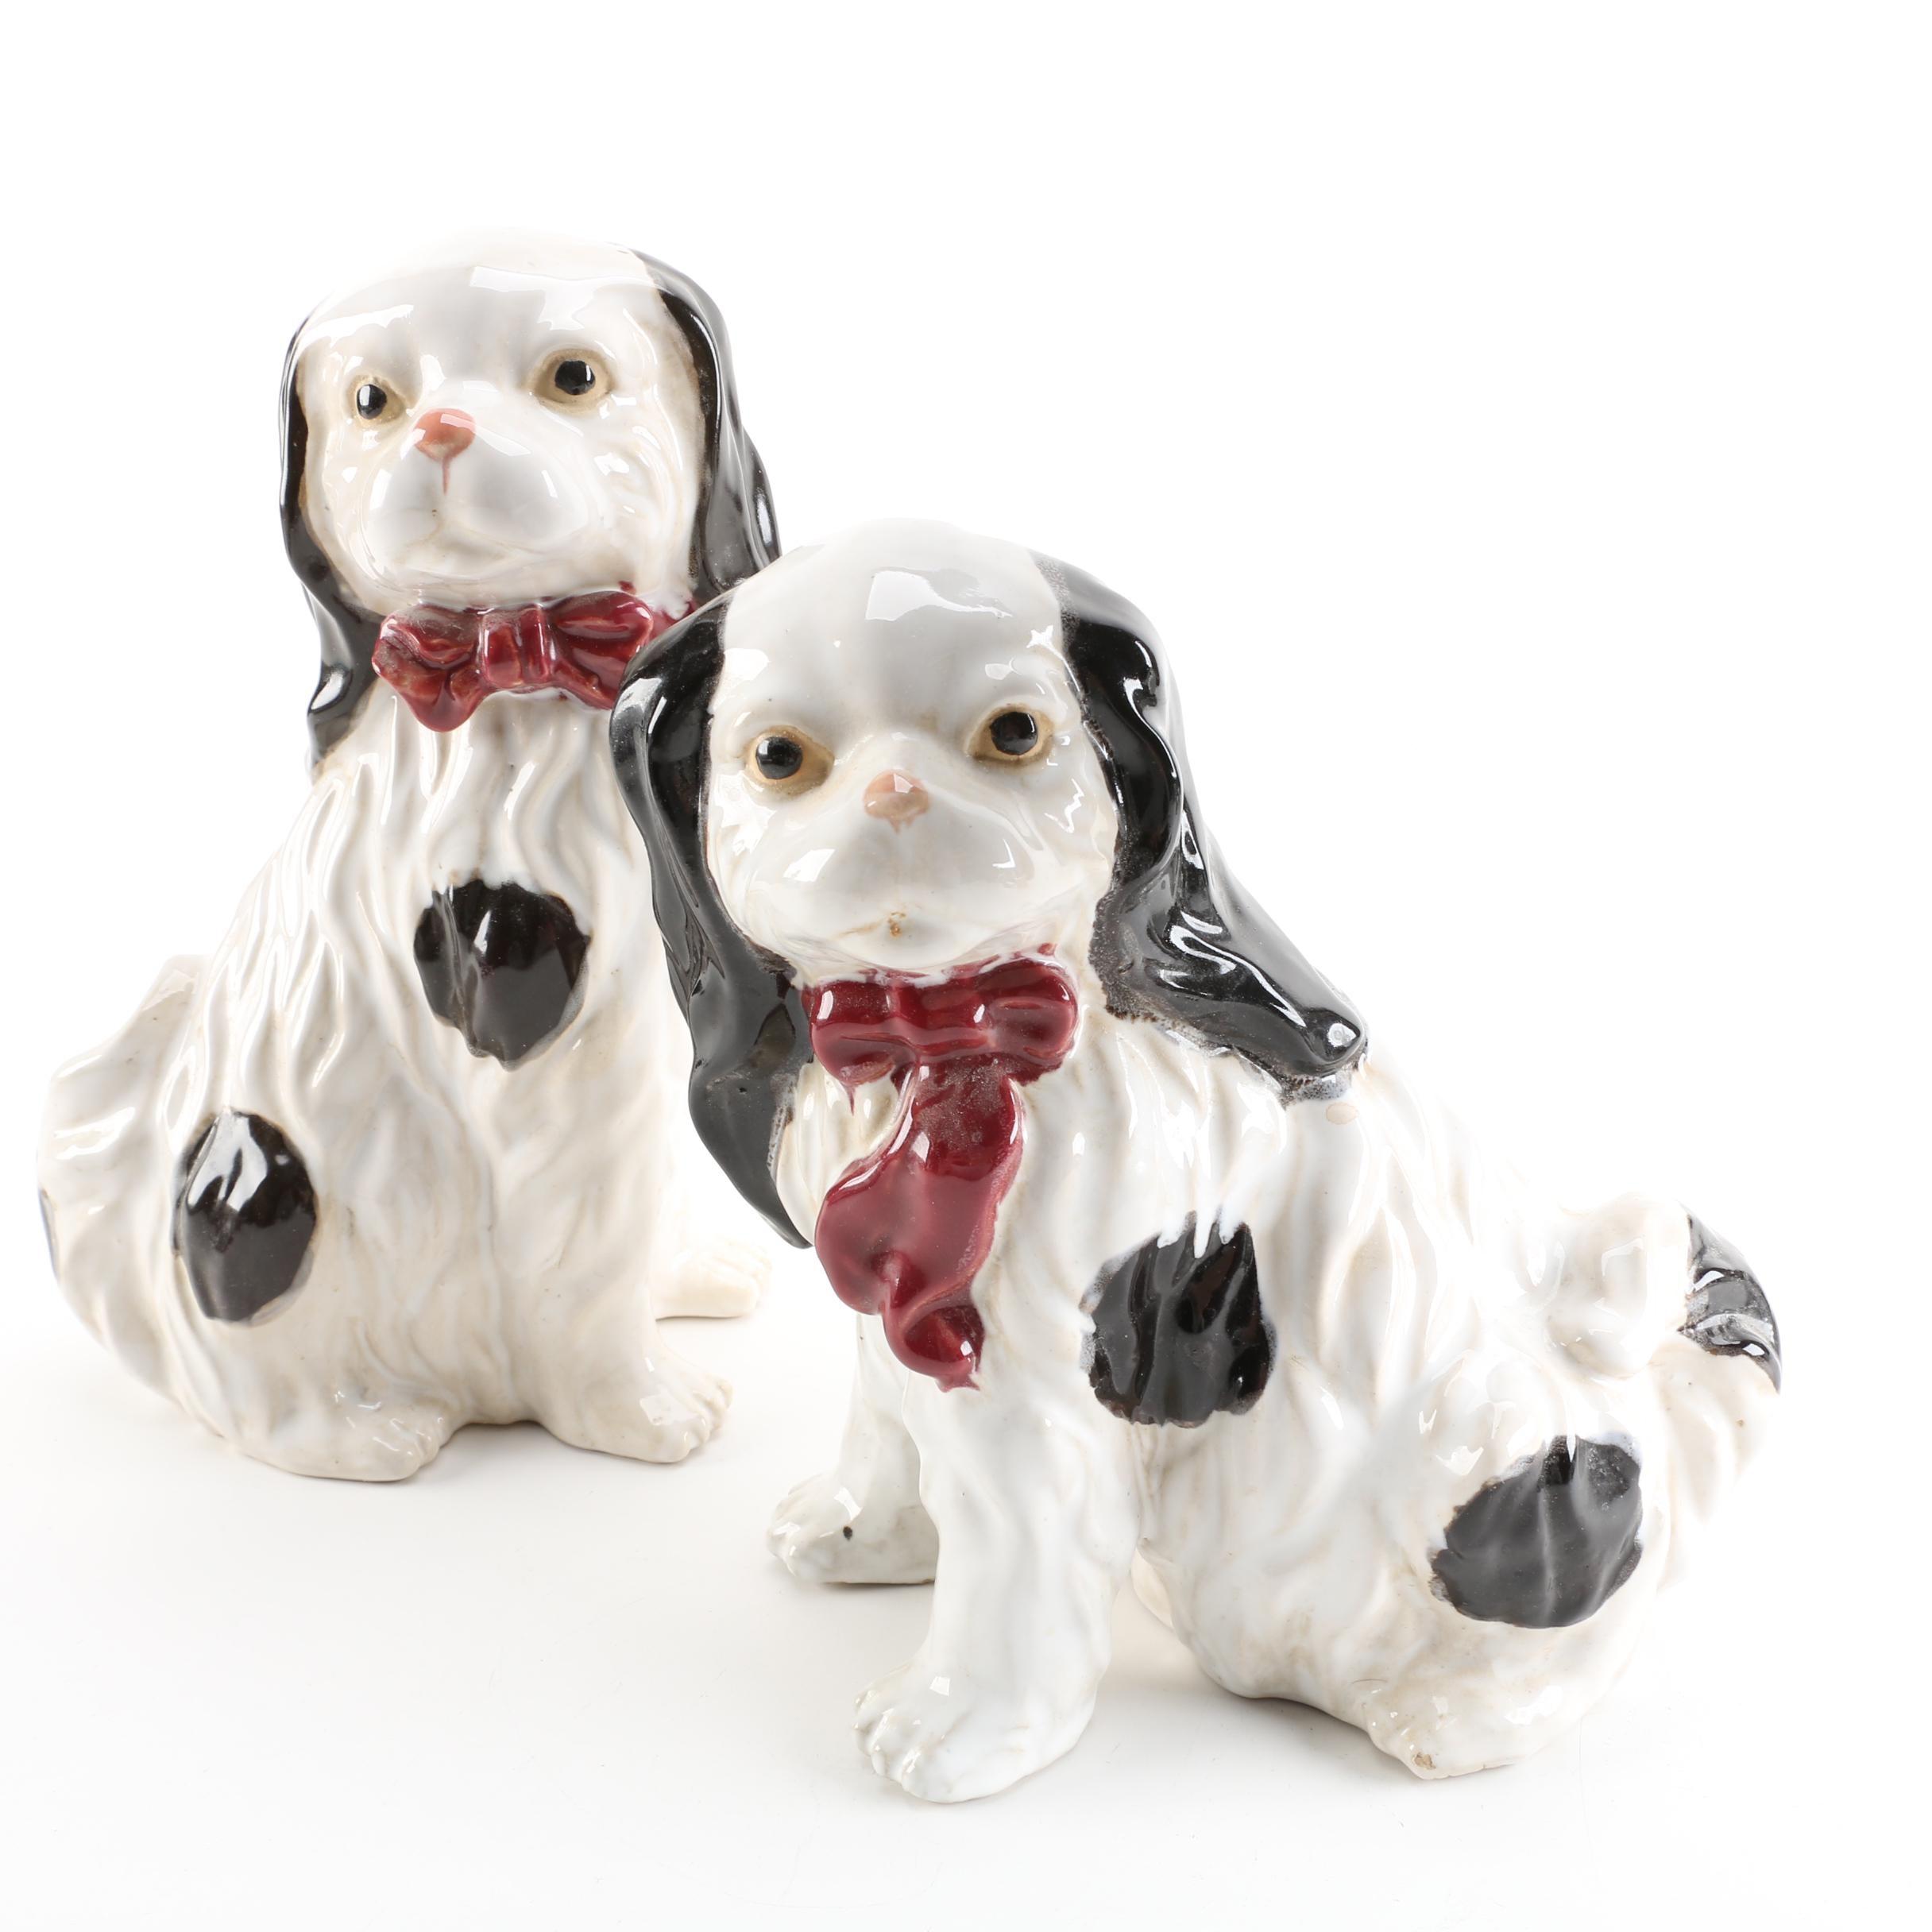 Pair of Ceramic Spaniel Figurines